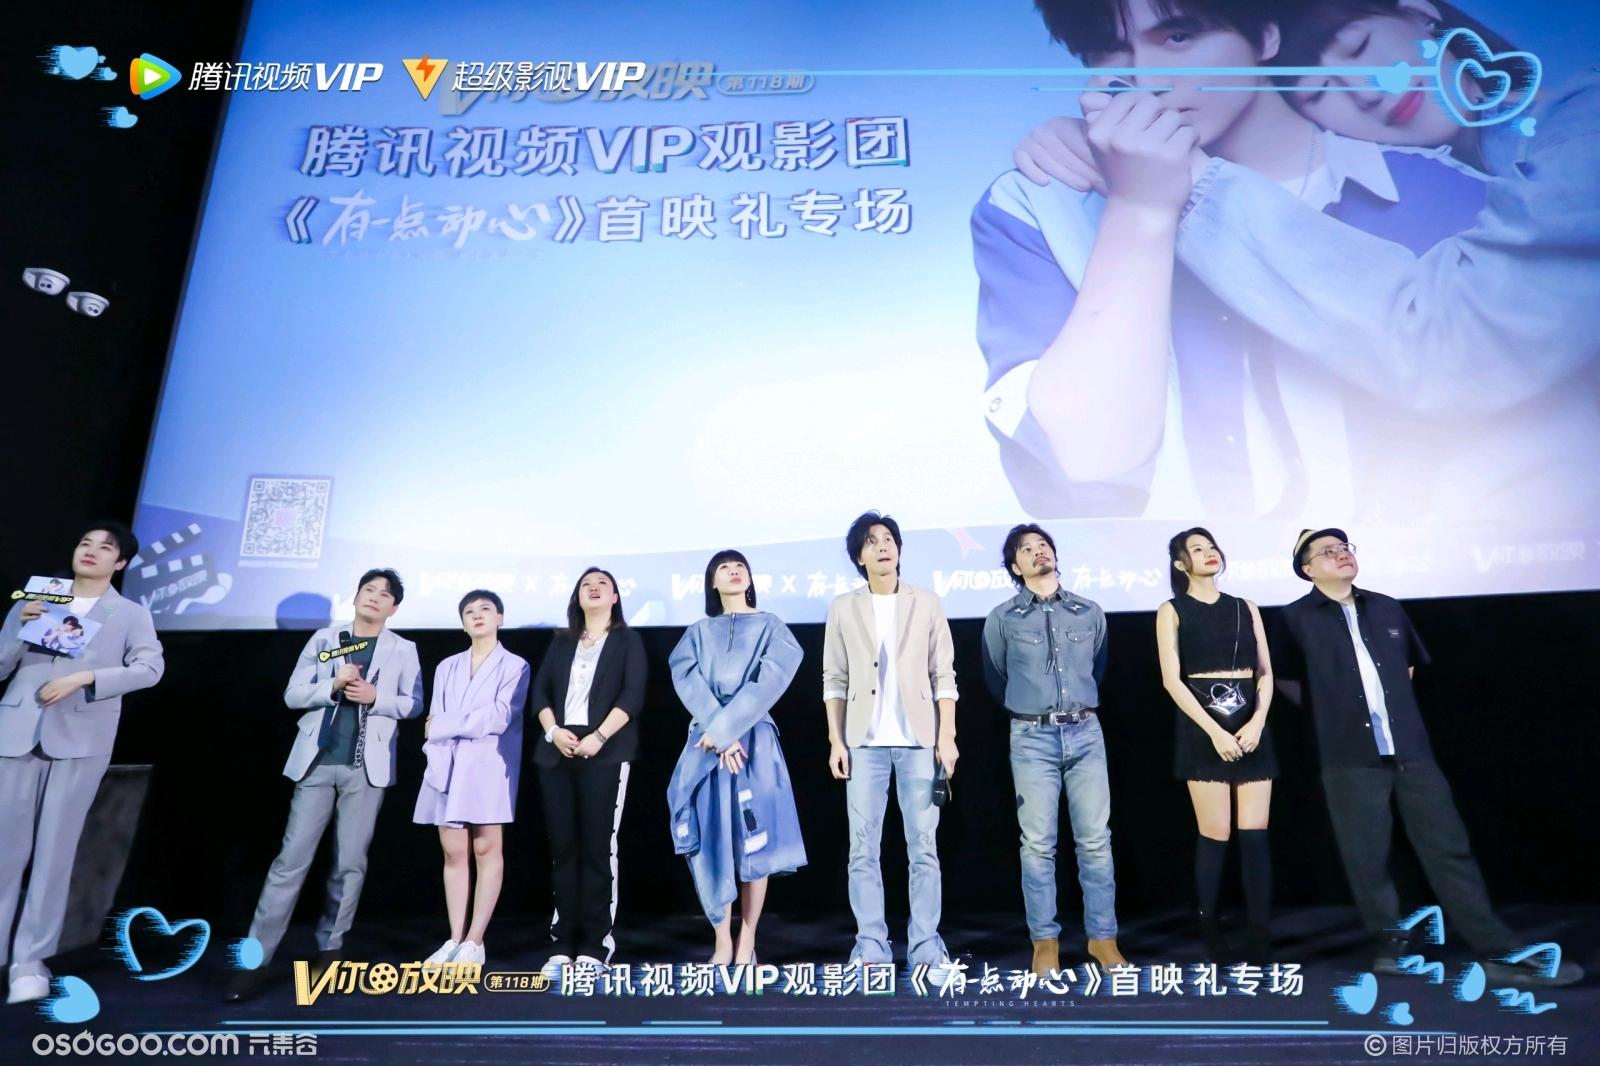 照片直播|VIP观影团 《有一点动心》首映礼专场